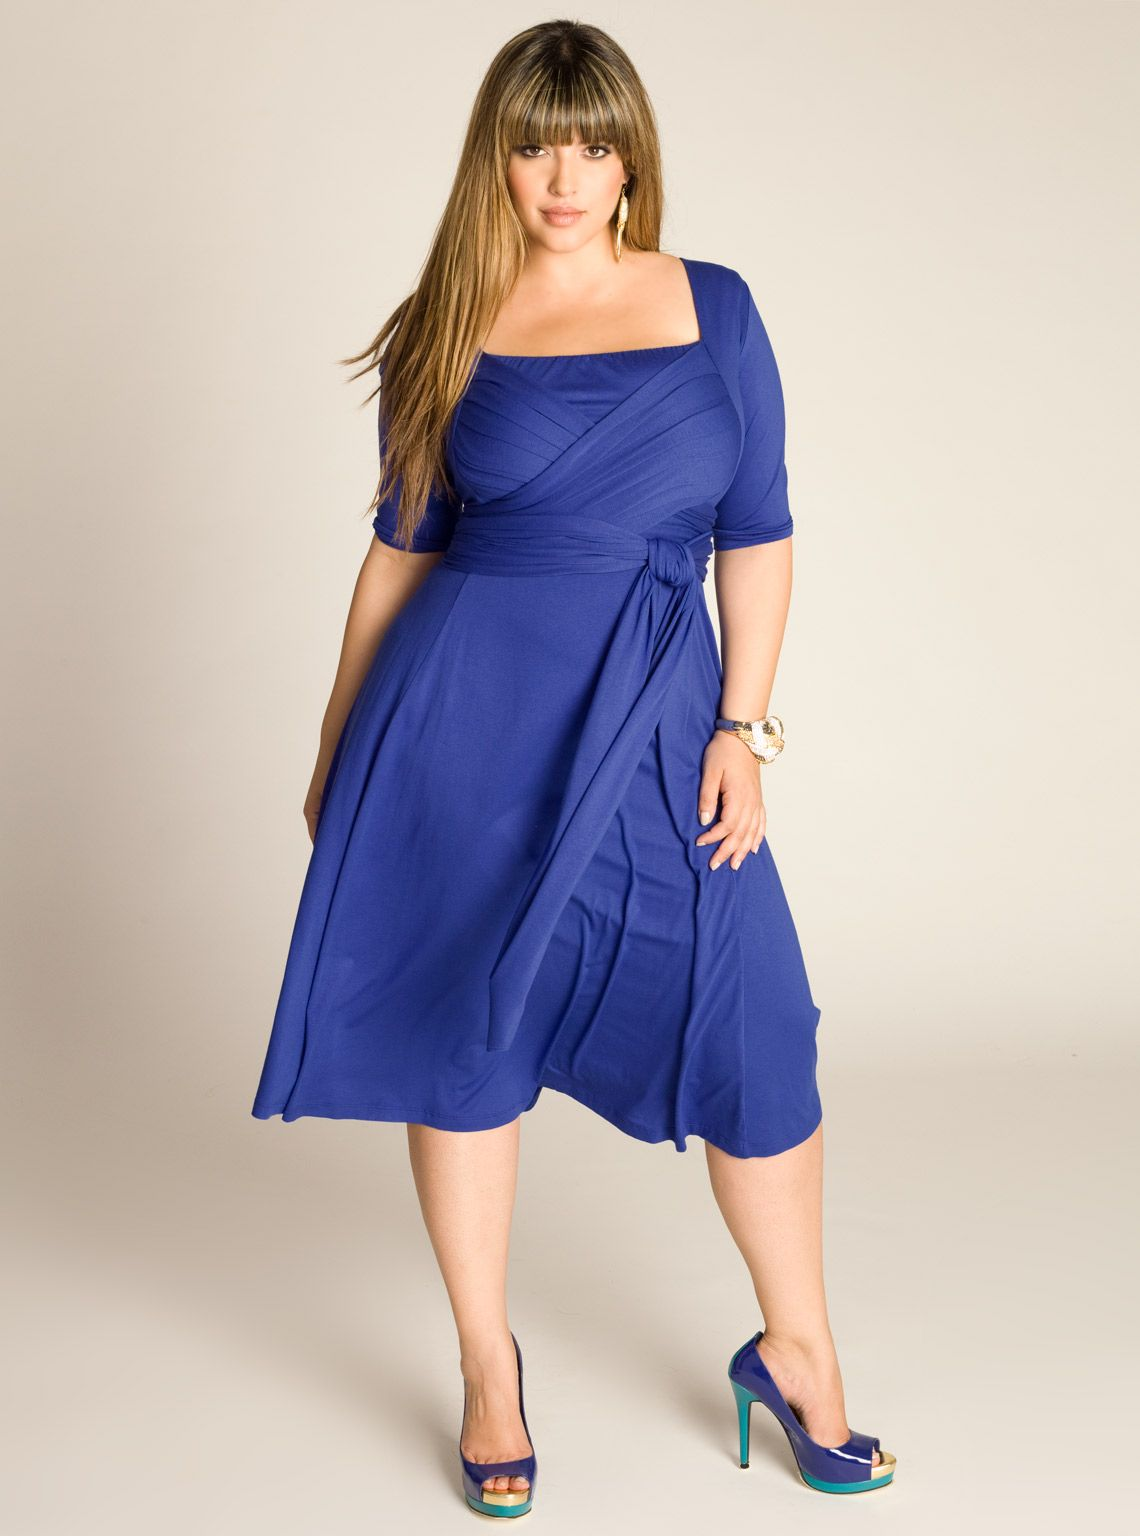 IGIGI Plus Size Tiffany Dress in Dazzling Blue   Plus Size Chic ...